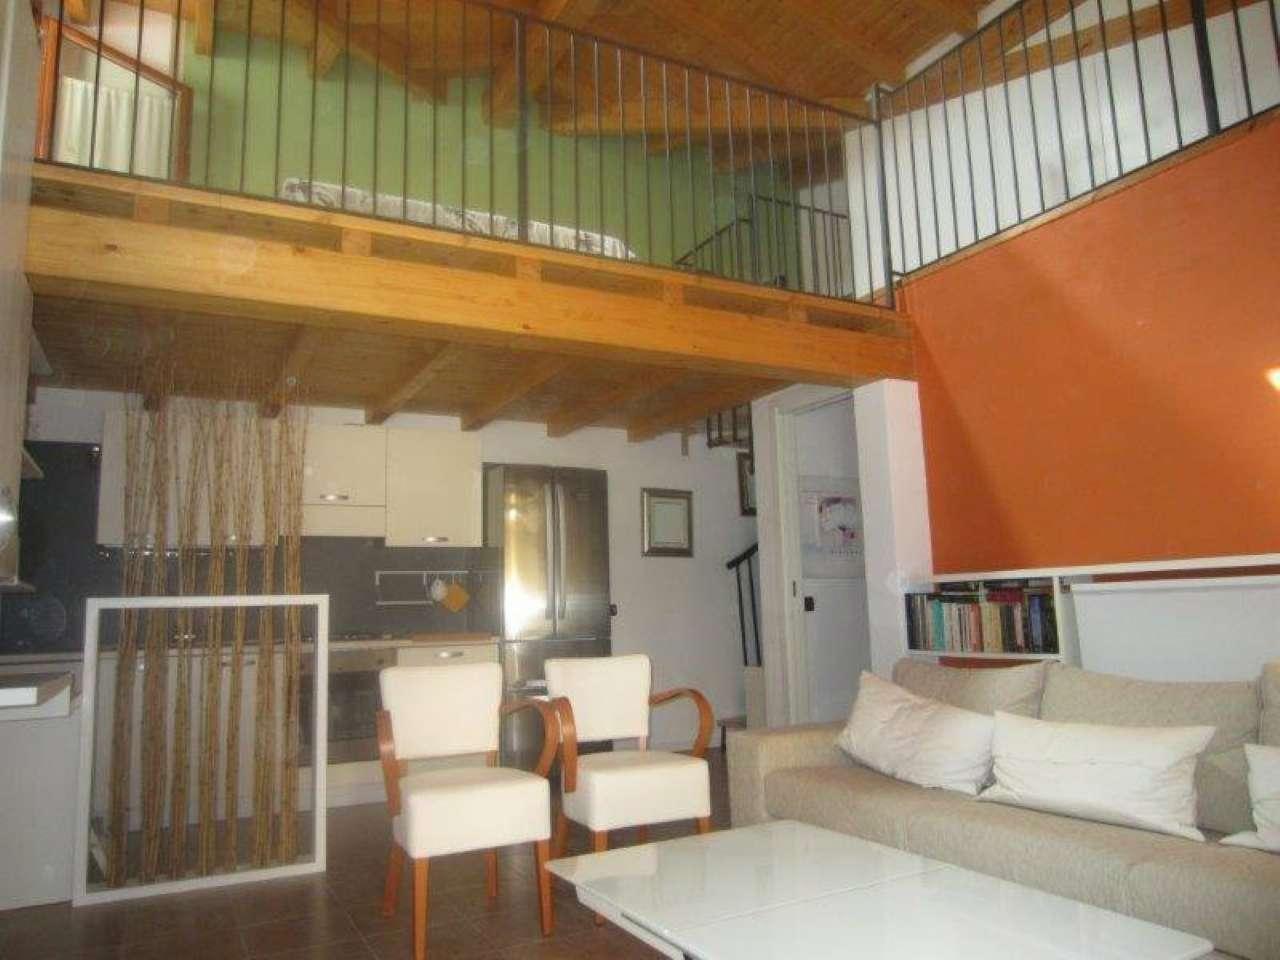 Casa legnano appartamenti e case in vendita pag 15 for Legnano case vendita